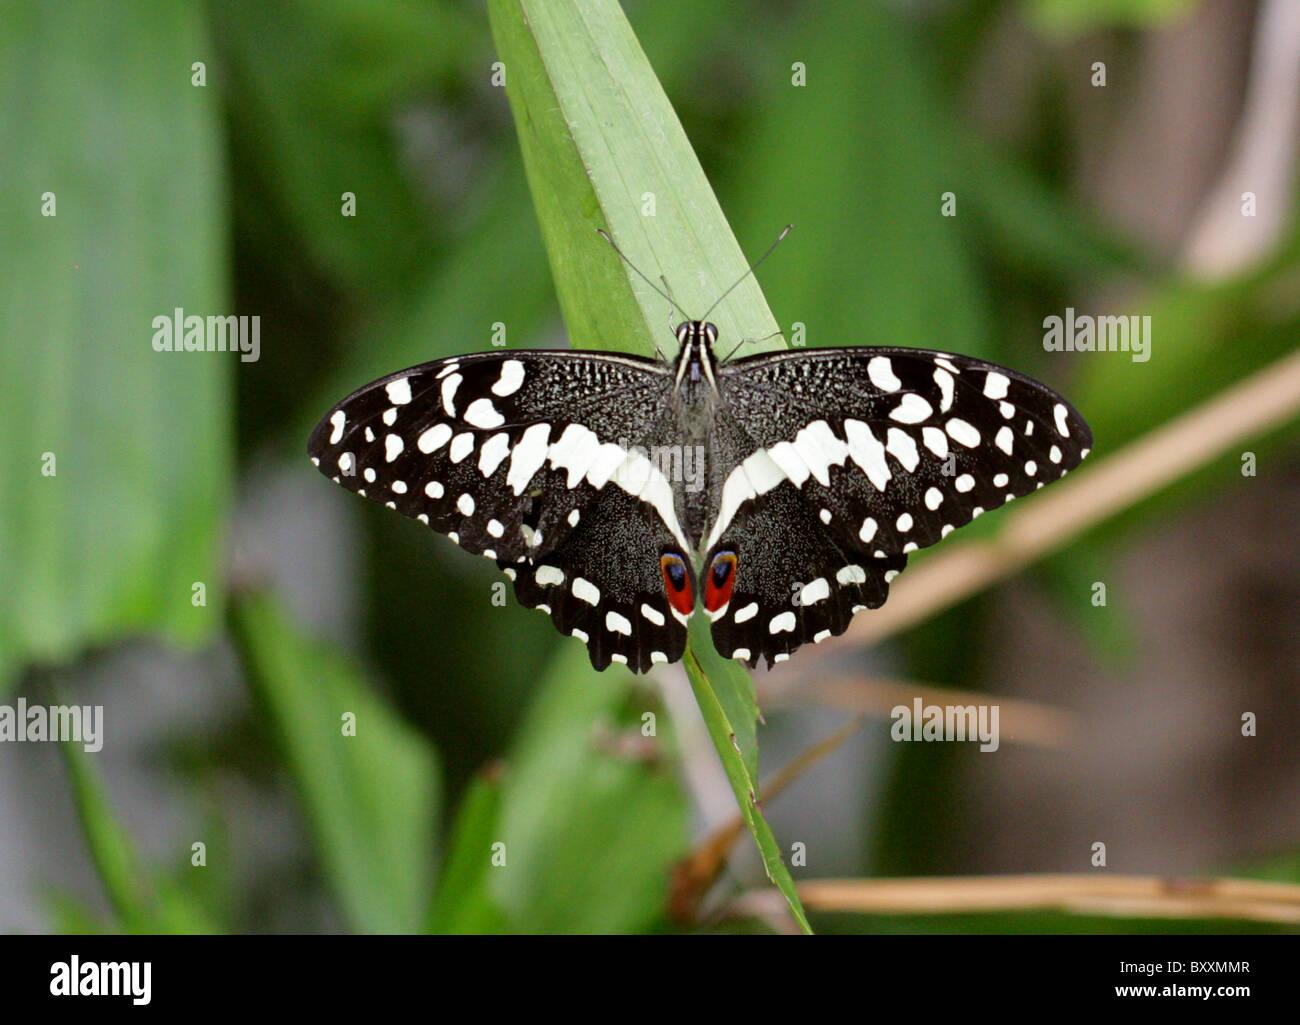 Gli agrumi a coda di rondine, Butterfly Papilio demoleus, Papilionidae, Sud Est Asia Australia Immagini Stock